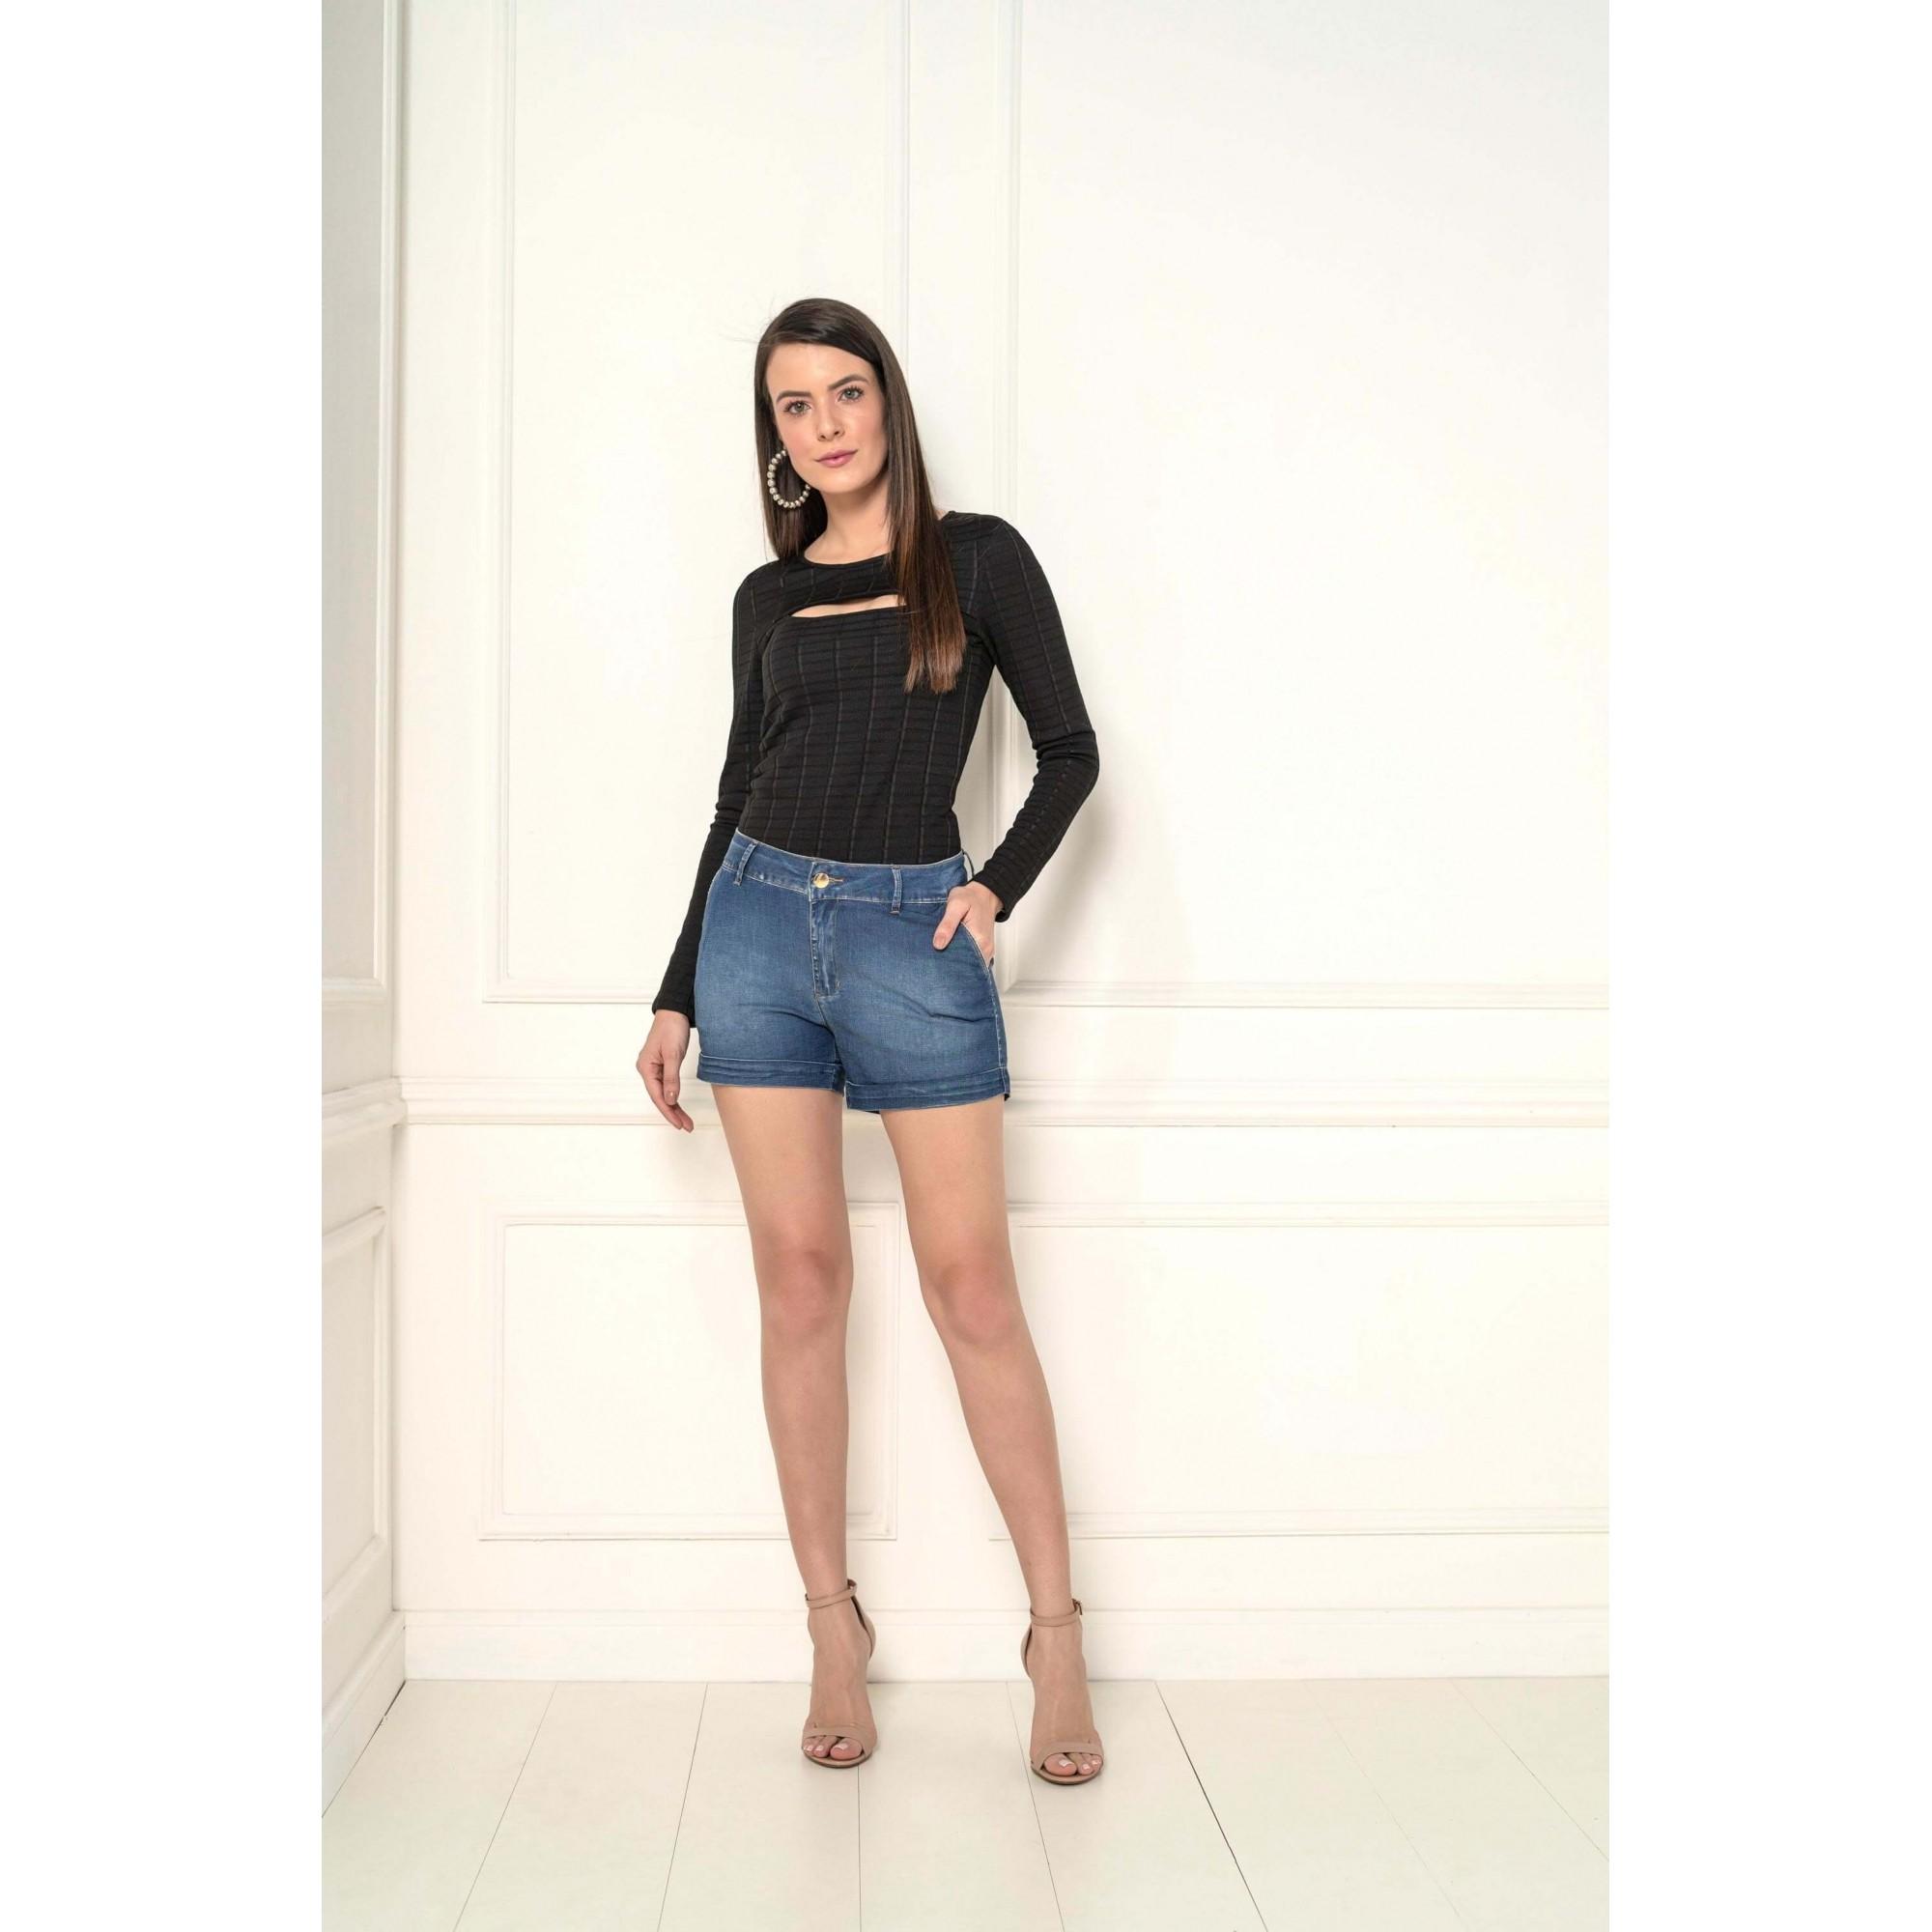 Shorts Feminino Relax Lycra Jeans k34905 - KACOLAKO